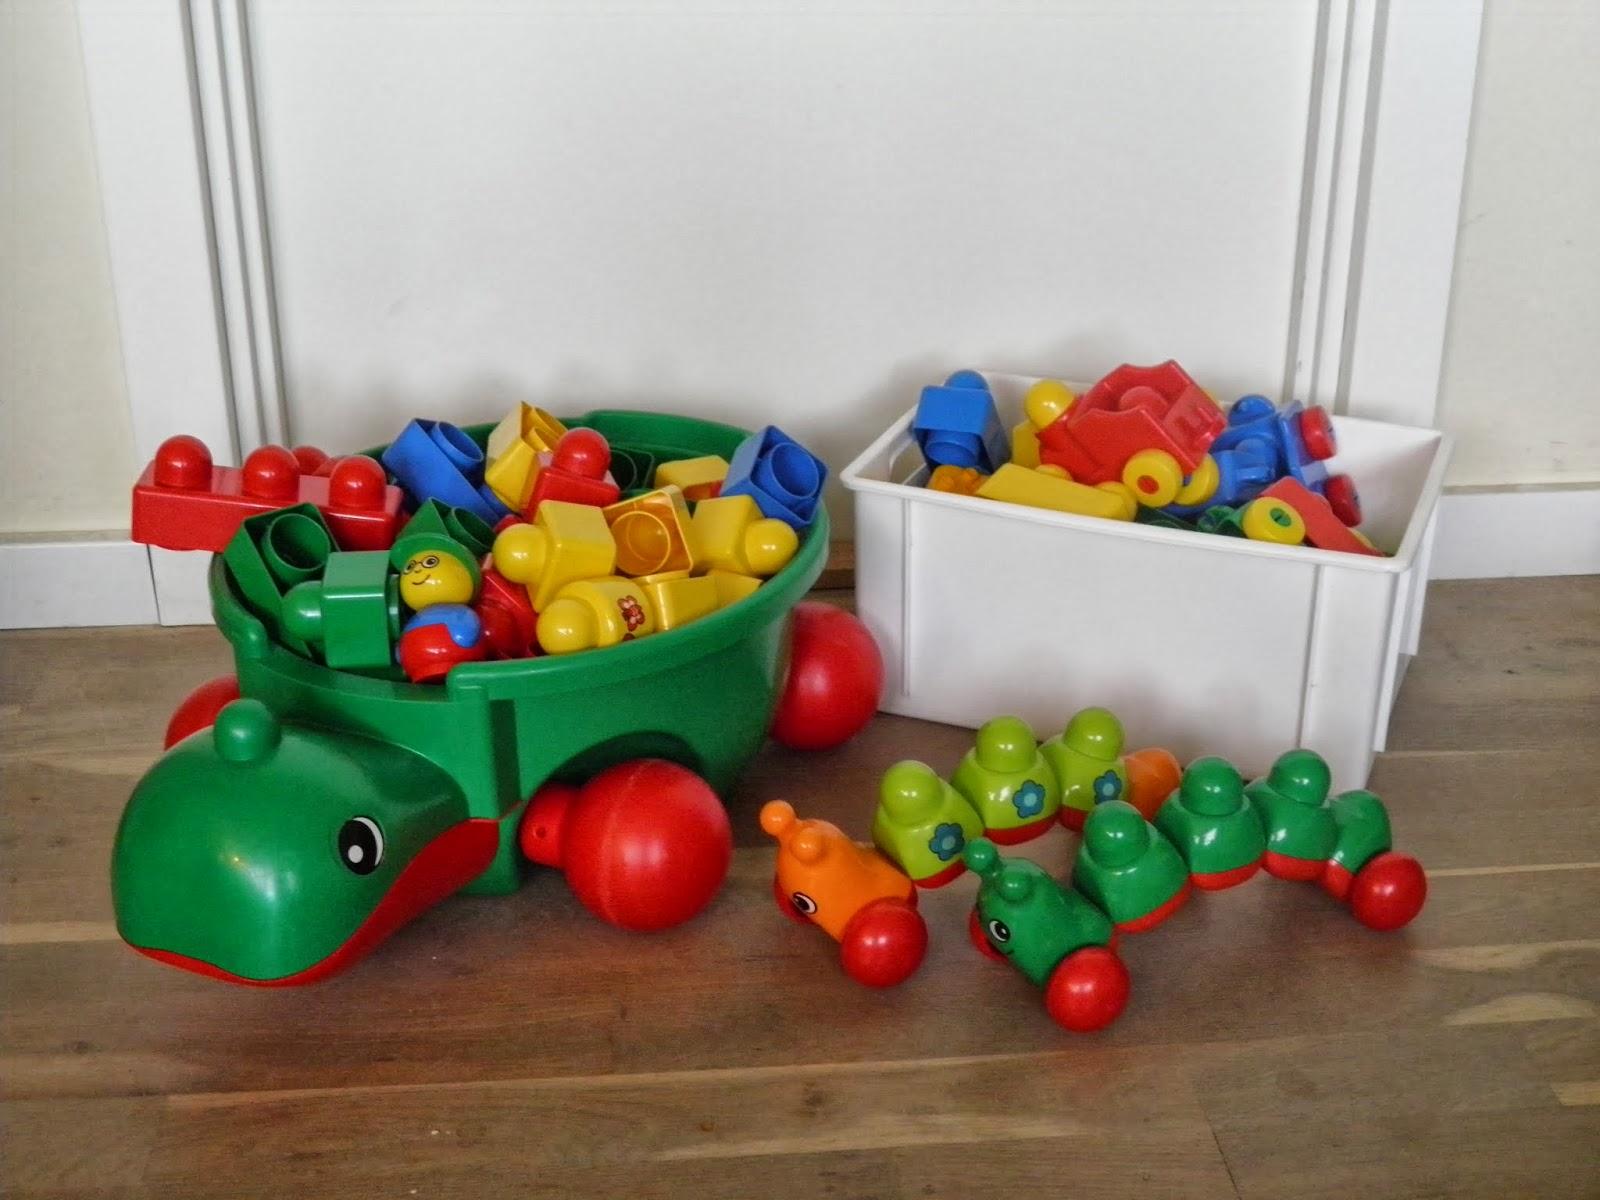 legetøj baby 8 måneder